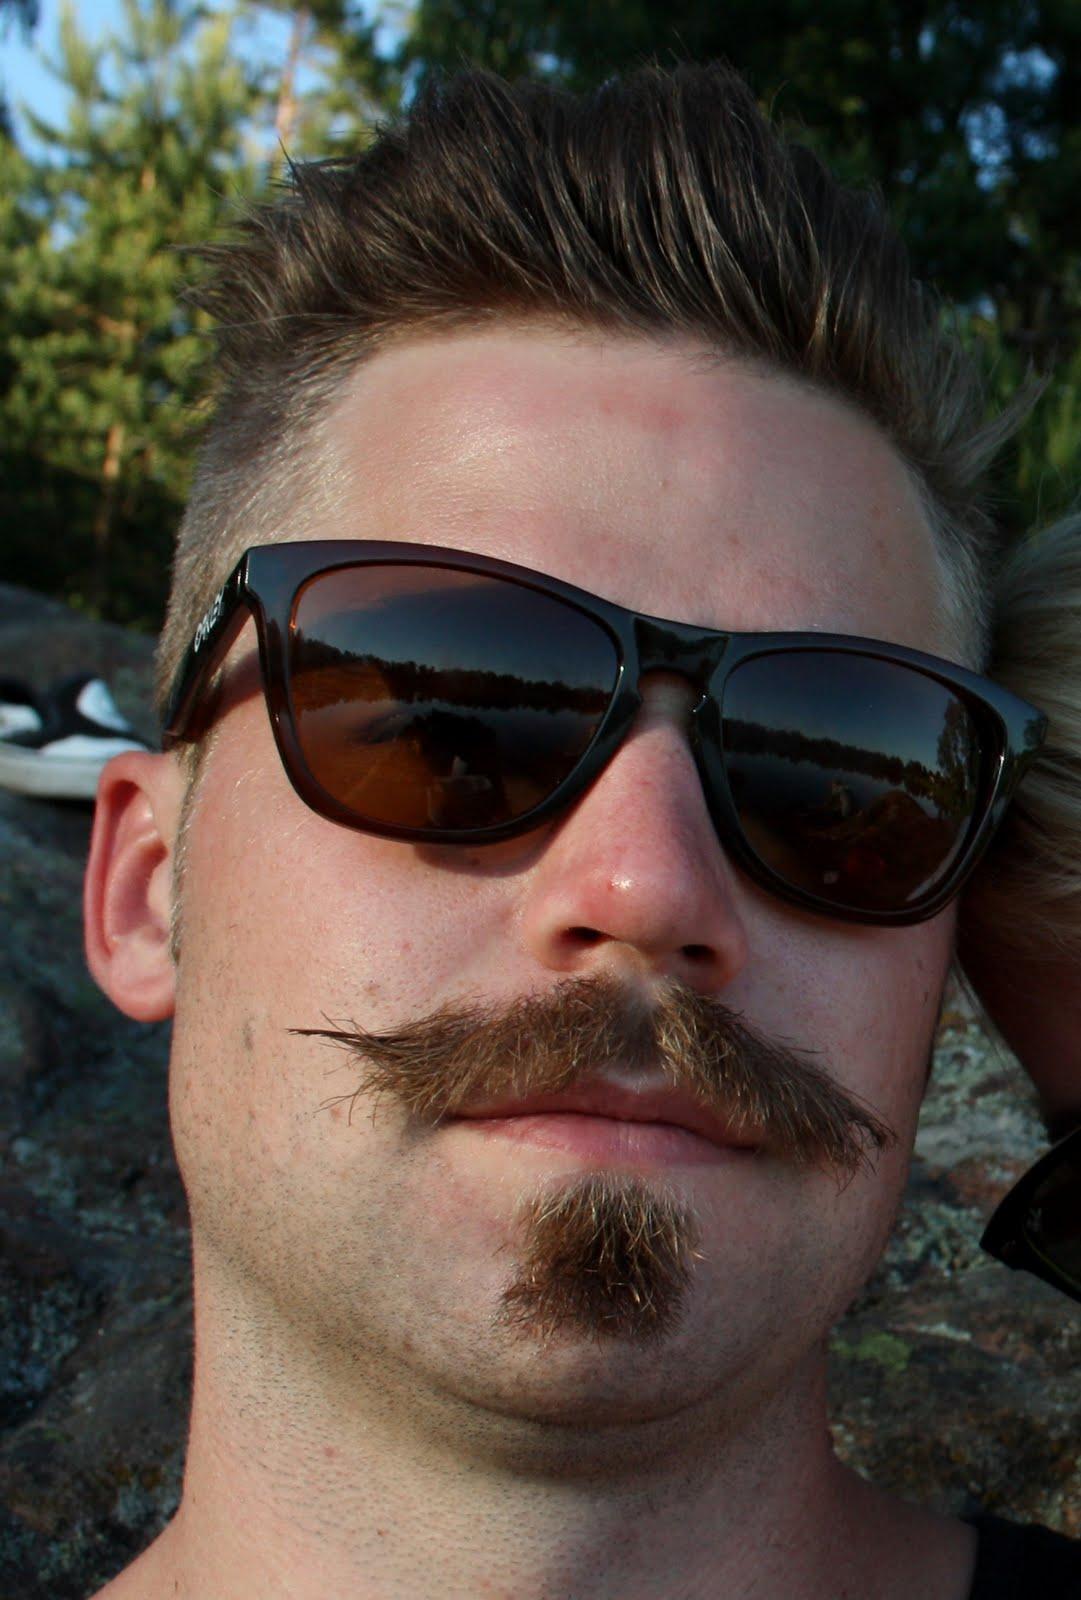 odla mustasch hur lång tid